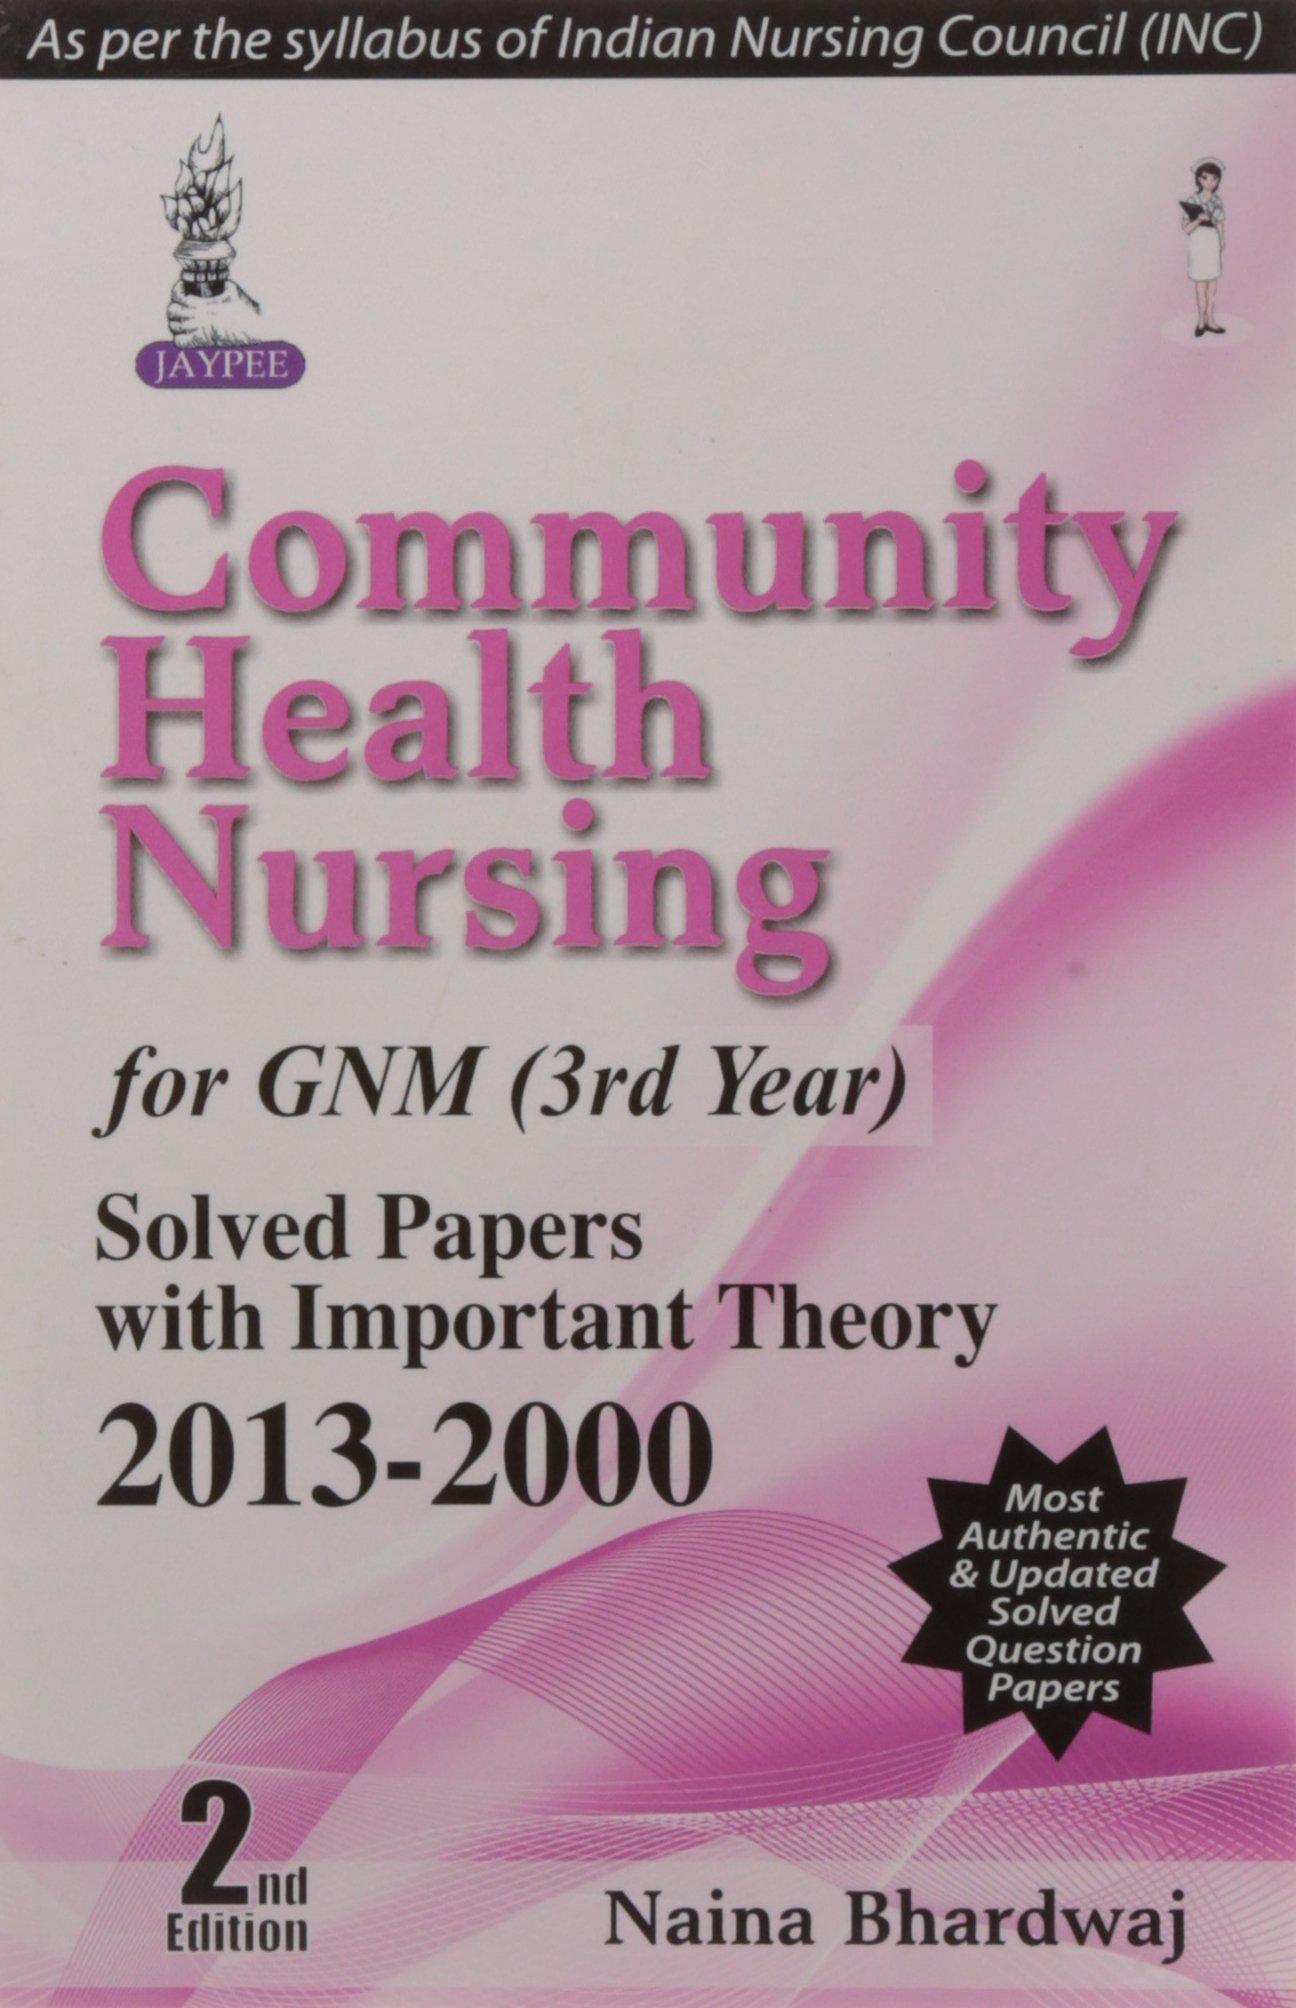 Community Health Nursing-II for Gnm (3rd Year) ebook